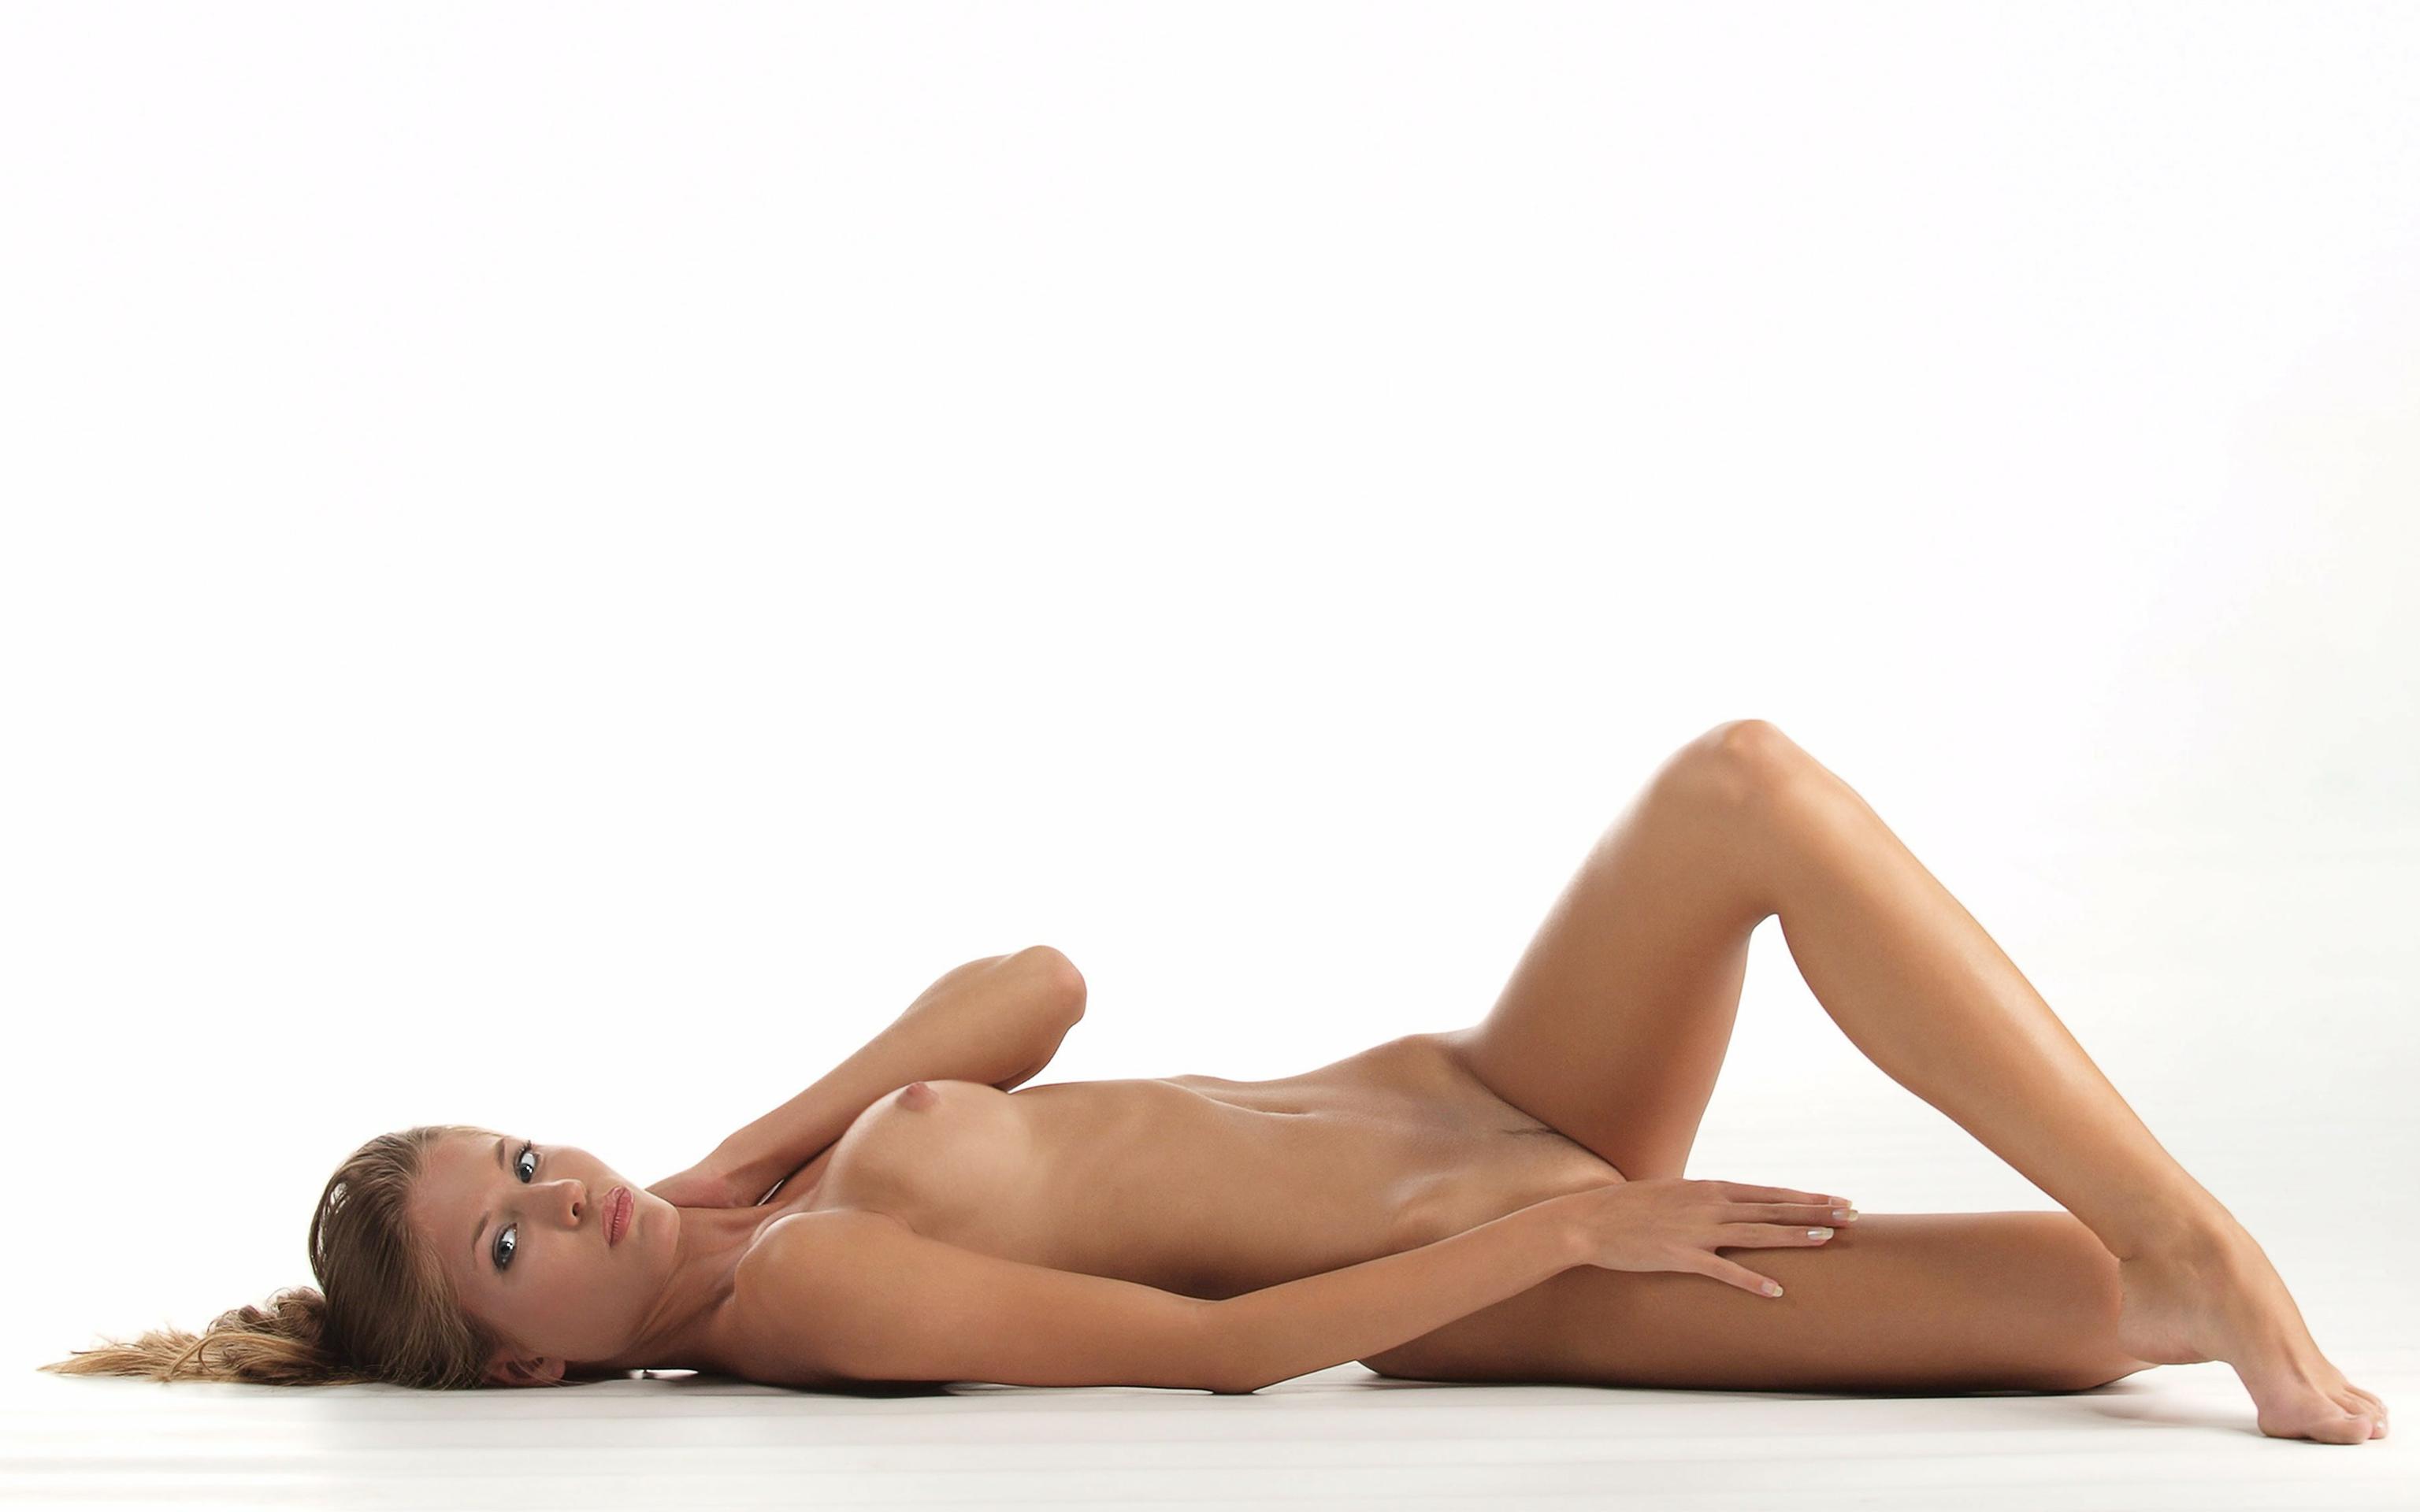 девушка, блондинка, голая